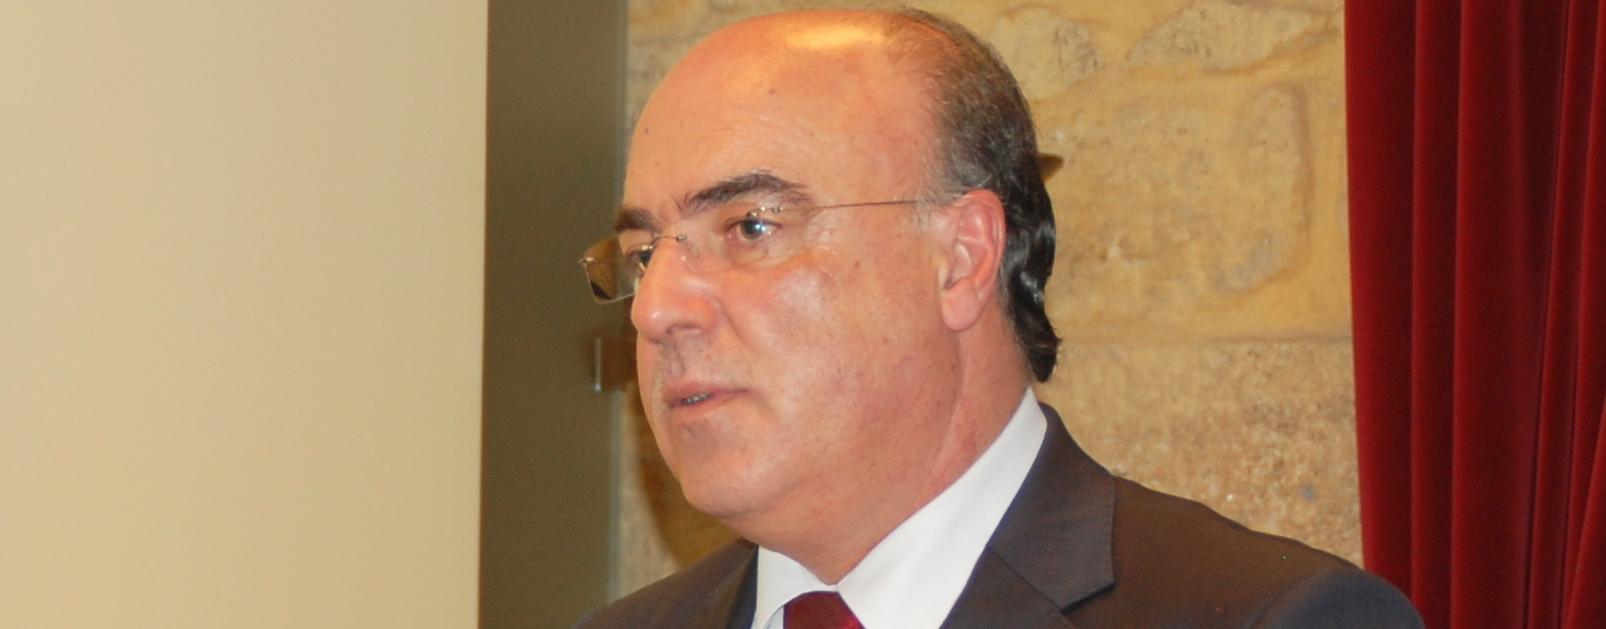 Câmara Municipal aprova mais de 765 mil euros em apoios às juntas e às associações